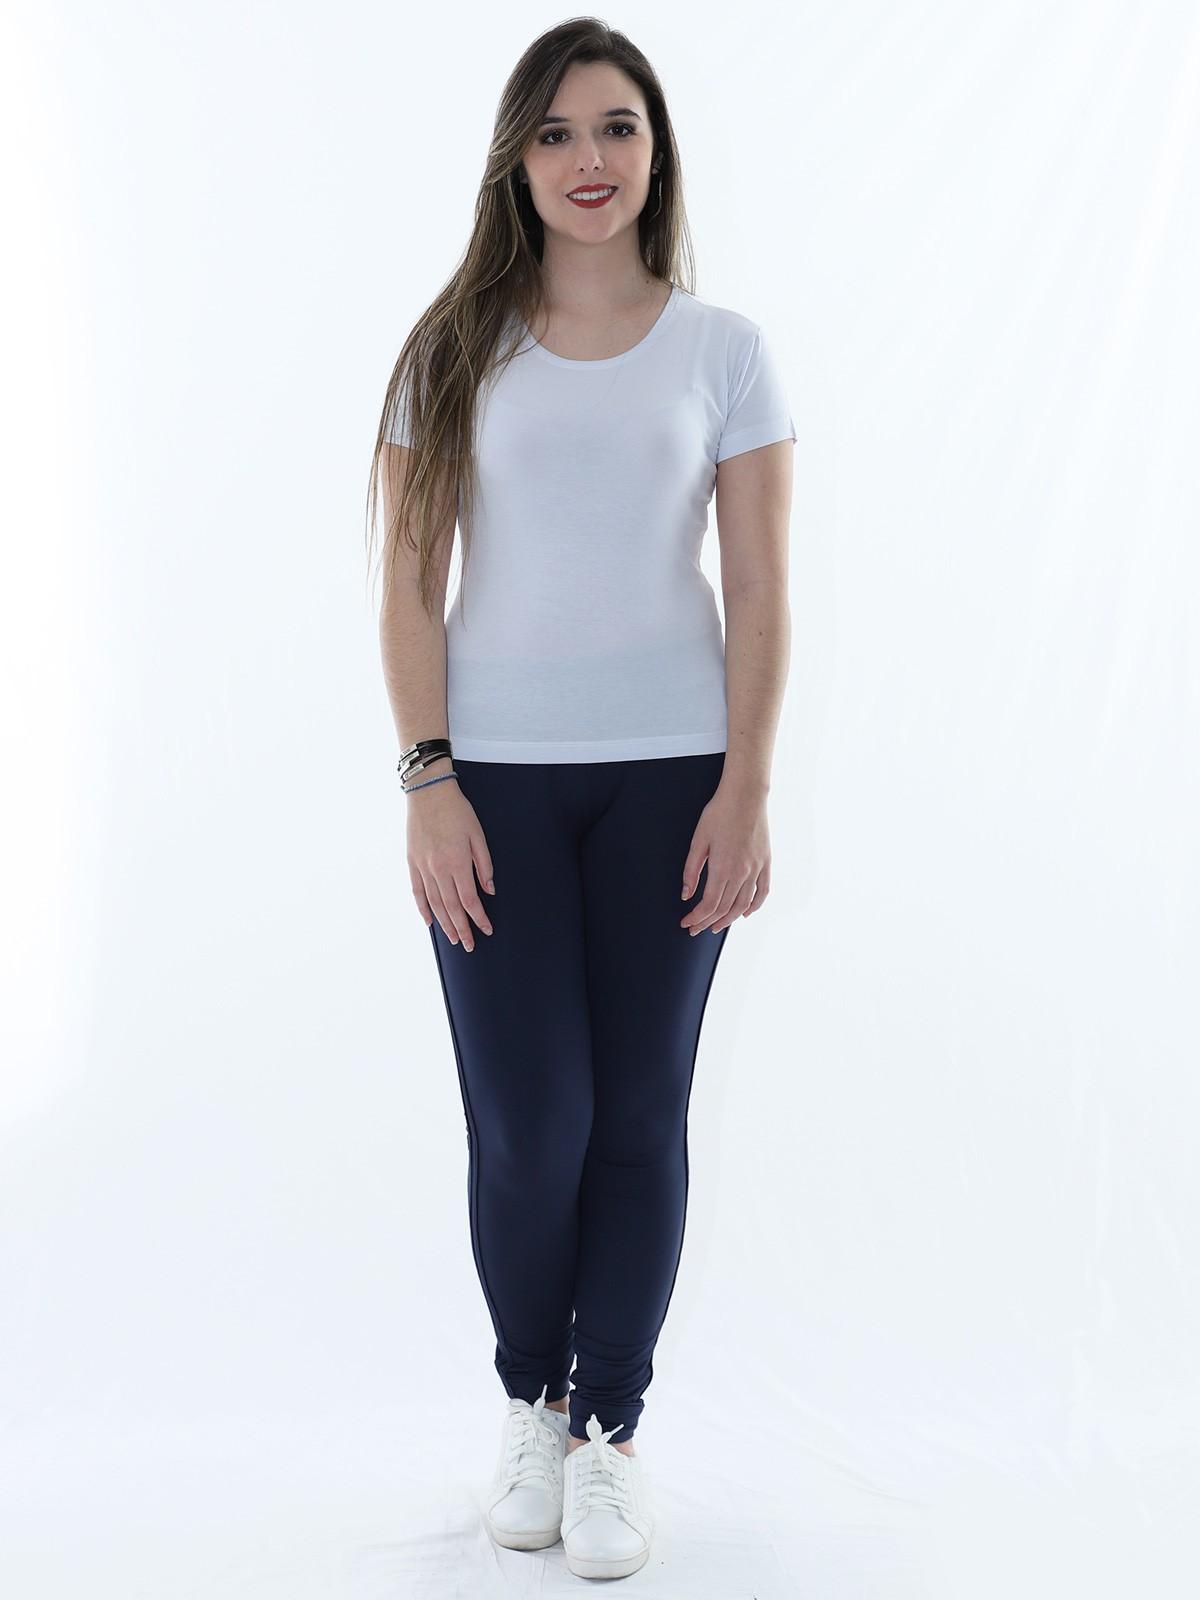 Calça Feminina Jogger de Moletinho C/ Punho Azul Marinho